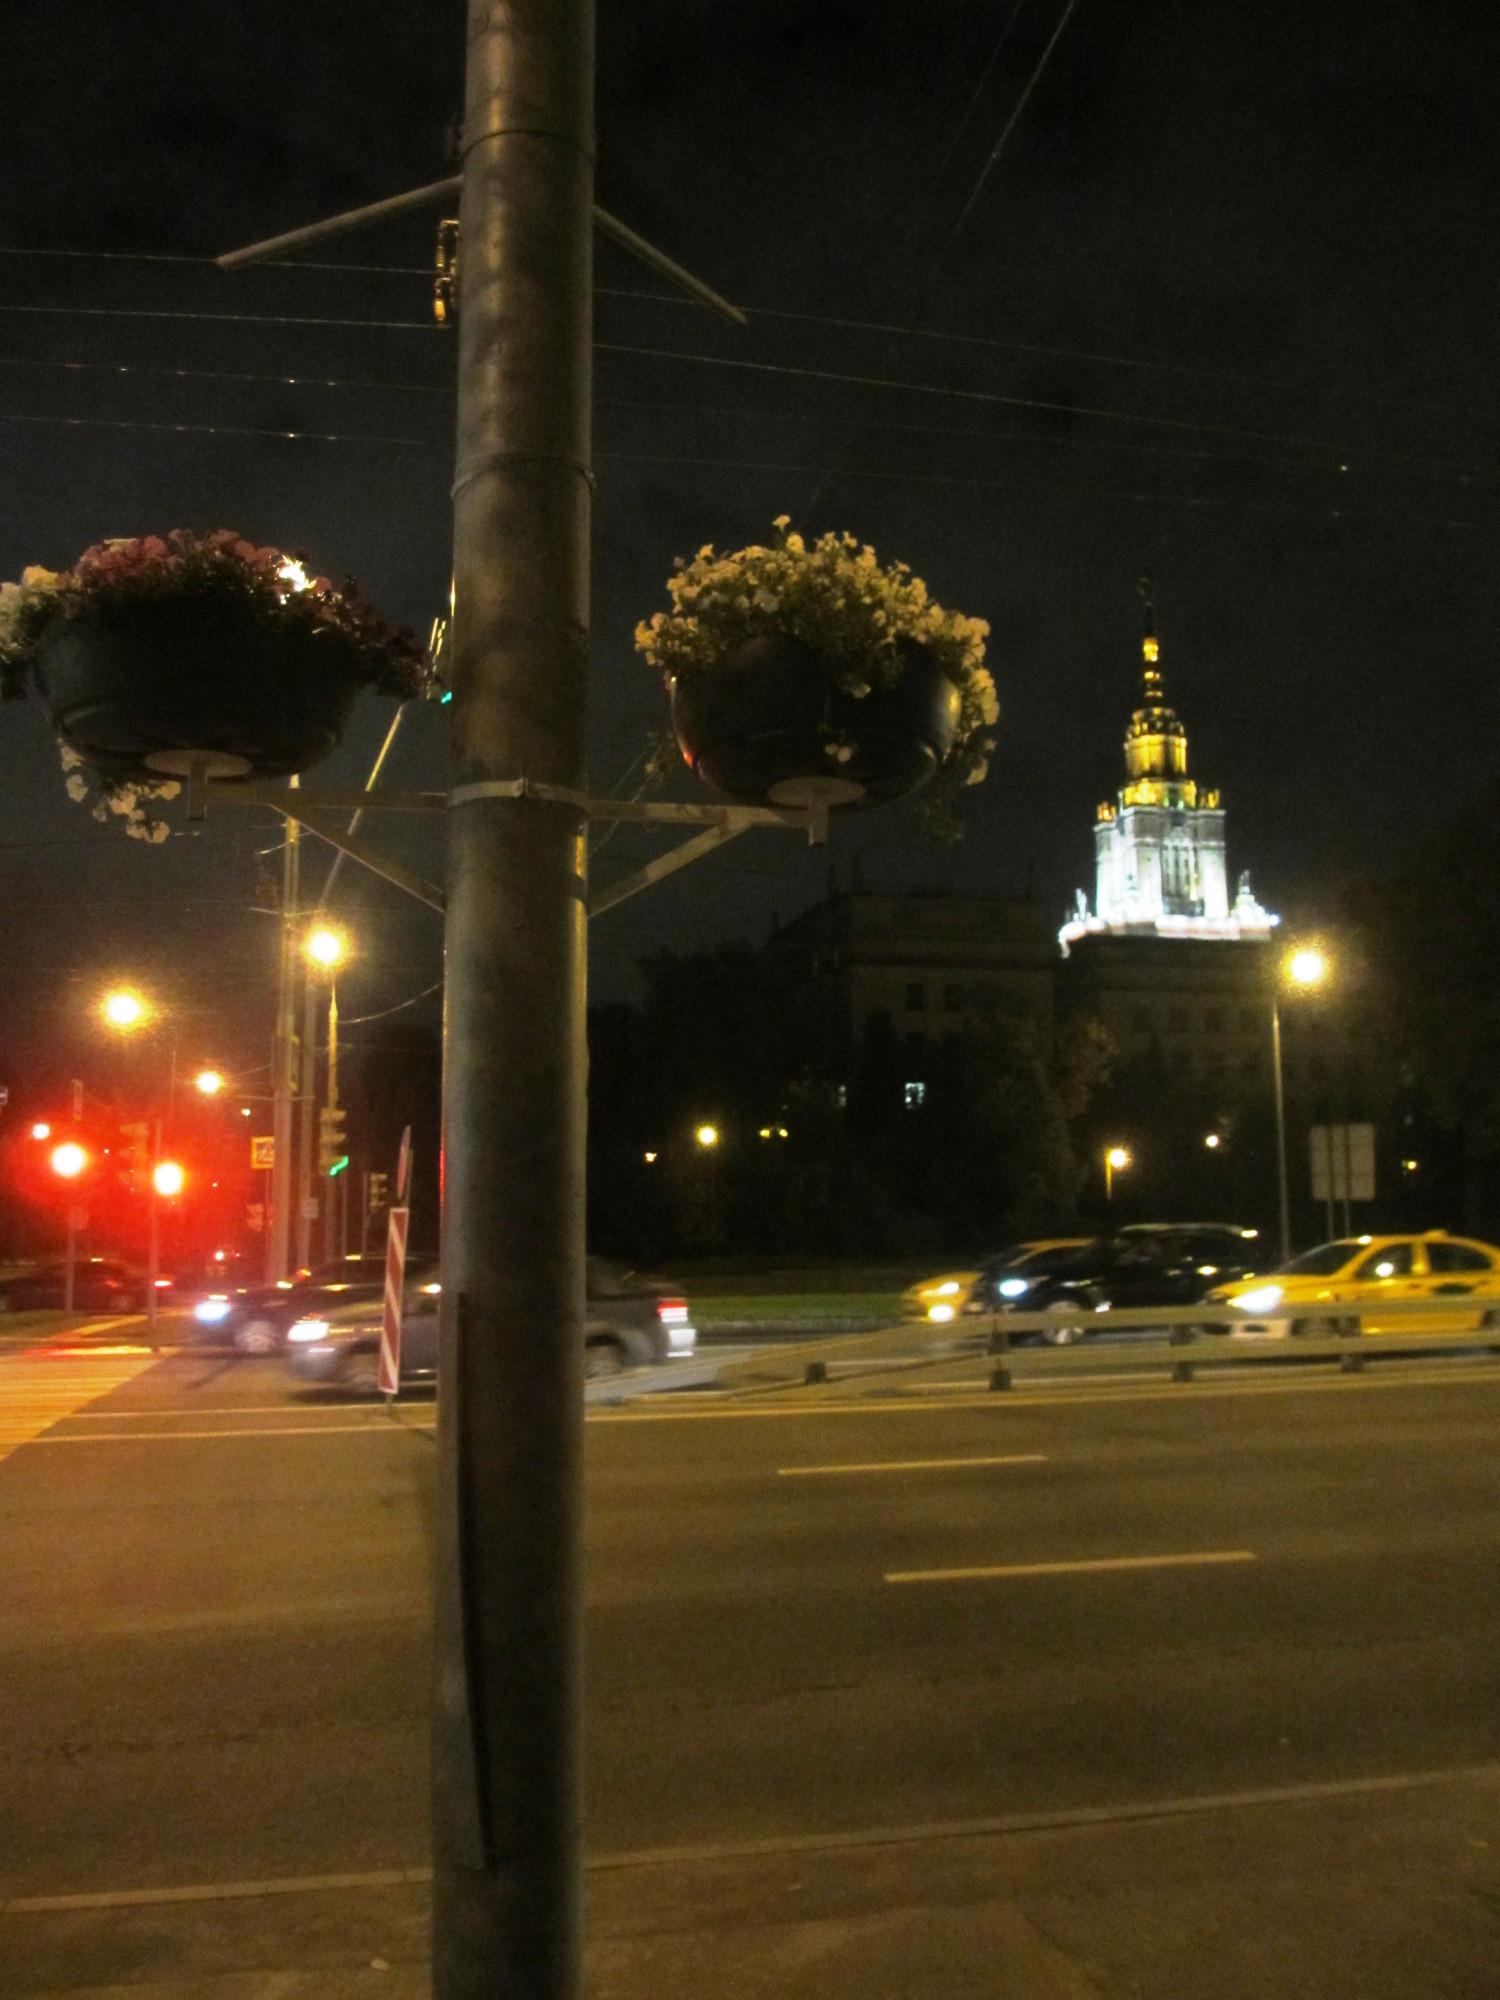 10.09.16, 22:09 — на пересечении Ломоносовского проспекта и Менделеевской улицы